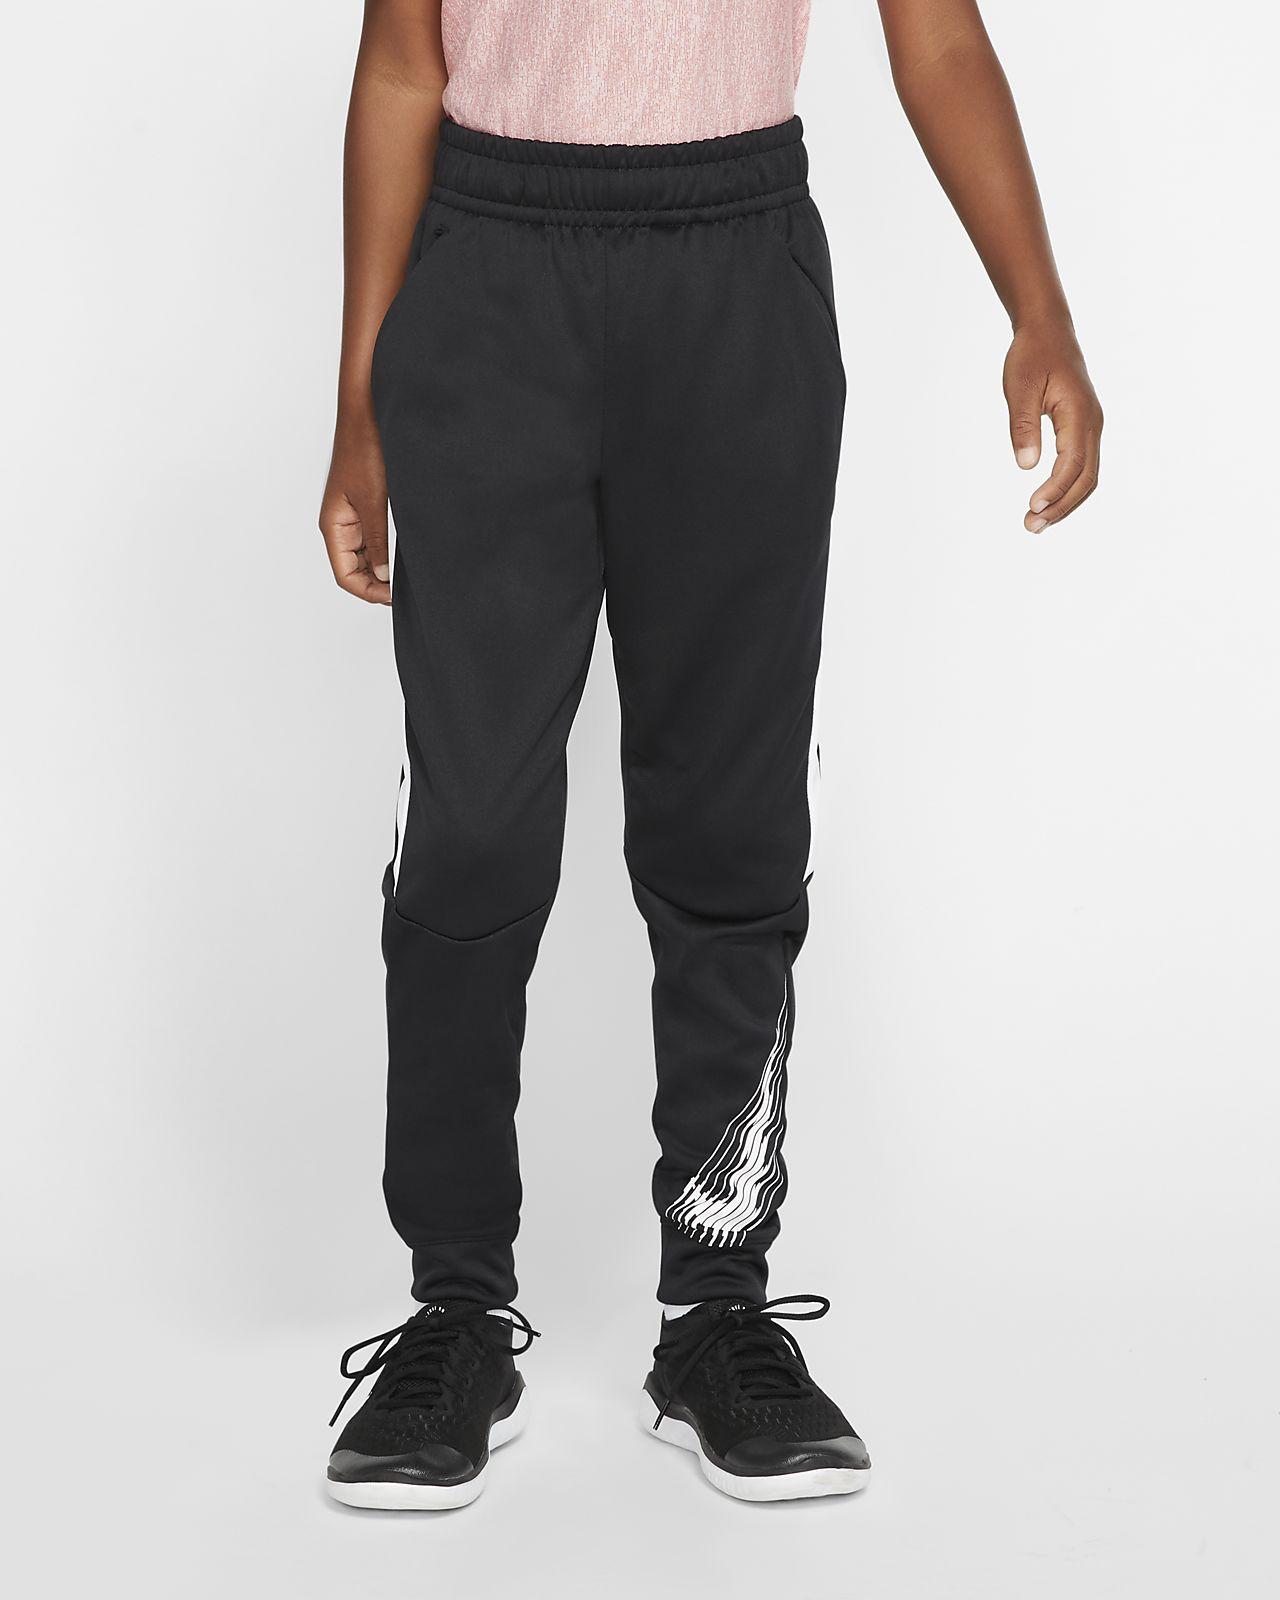 Nike Therma Trainingsbroek met graphic en toelopende pasvorm voor jongens